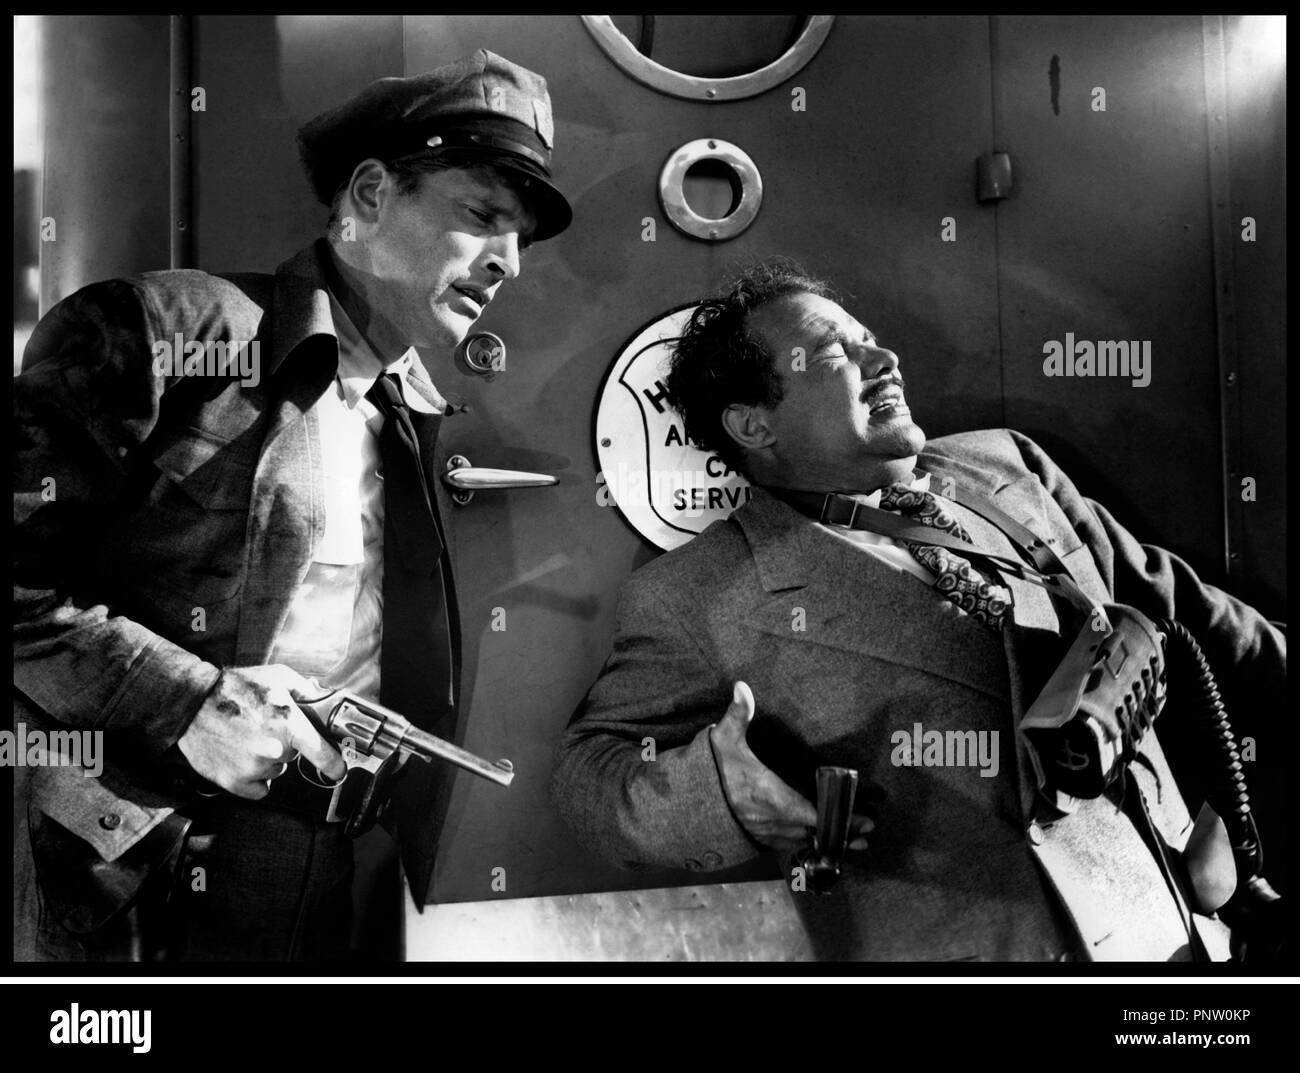 Prod DB © Universal / DR POUR TOI J'AI TUE (CRISS CROSS) 1949 de Robert Siodmak USA d'apres le roman de Don Tracy avec Burt Lancaster  arme, revolver, assassiner Stock Photo